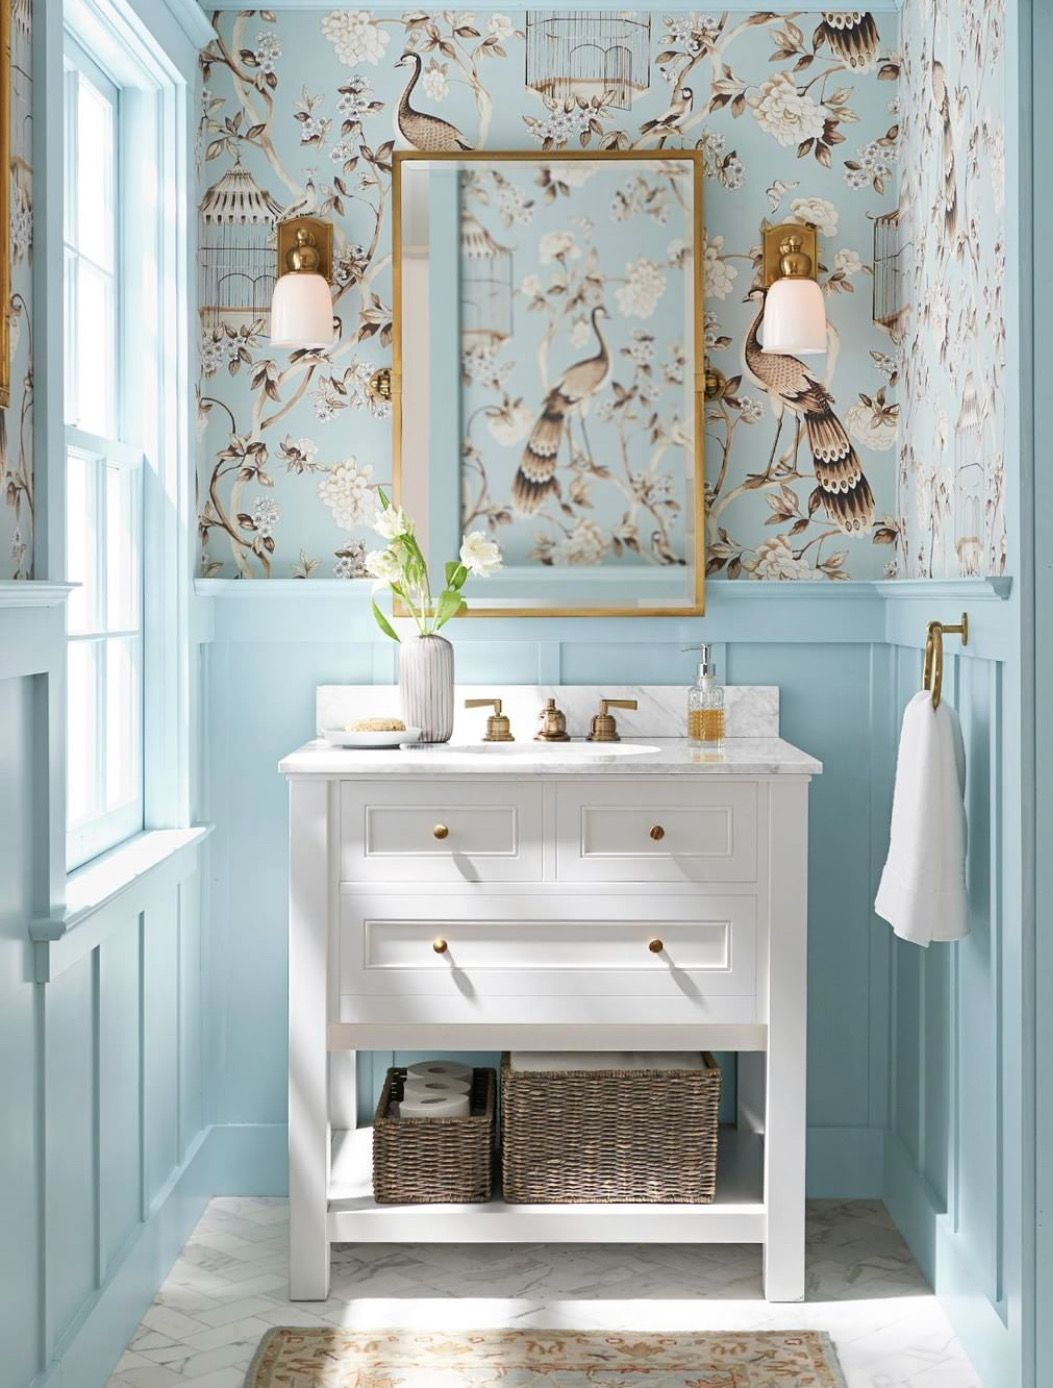 Papier Peint Oiseau Paon Salle De Bain Bleu Ciel Bleu Clair